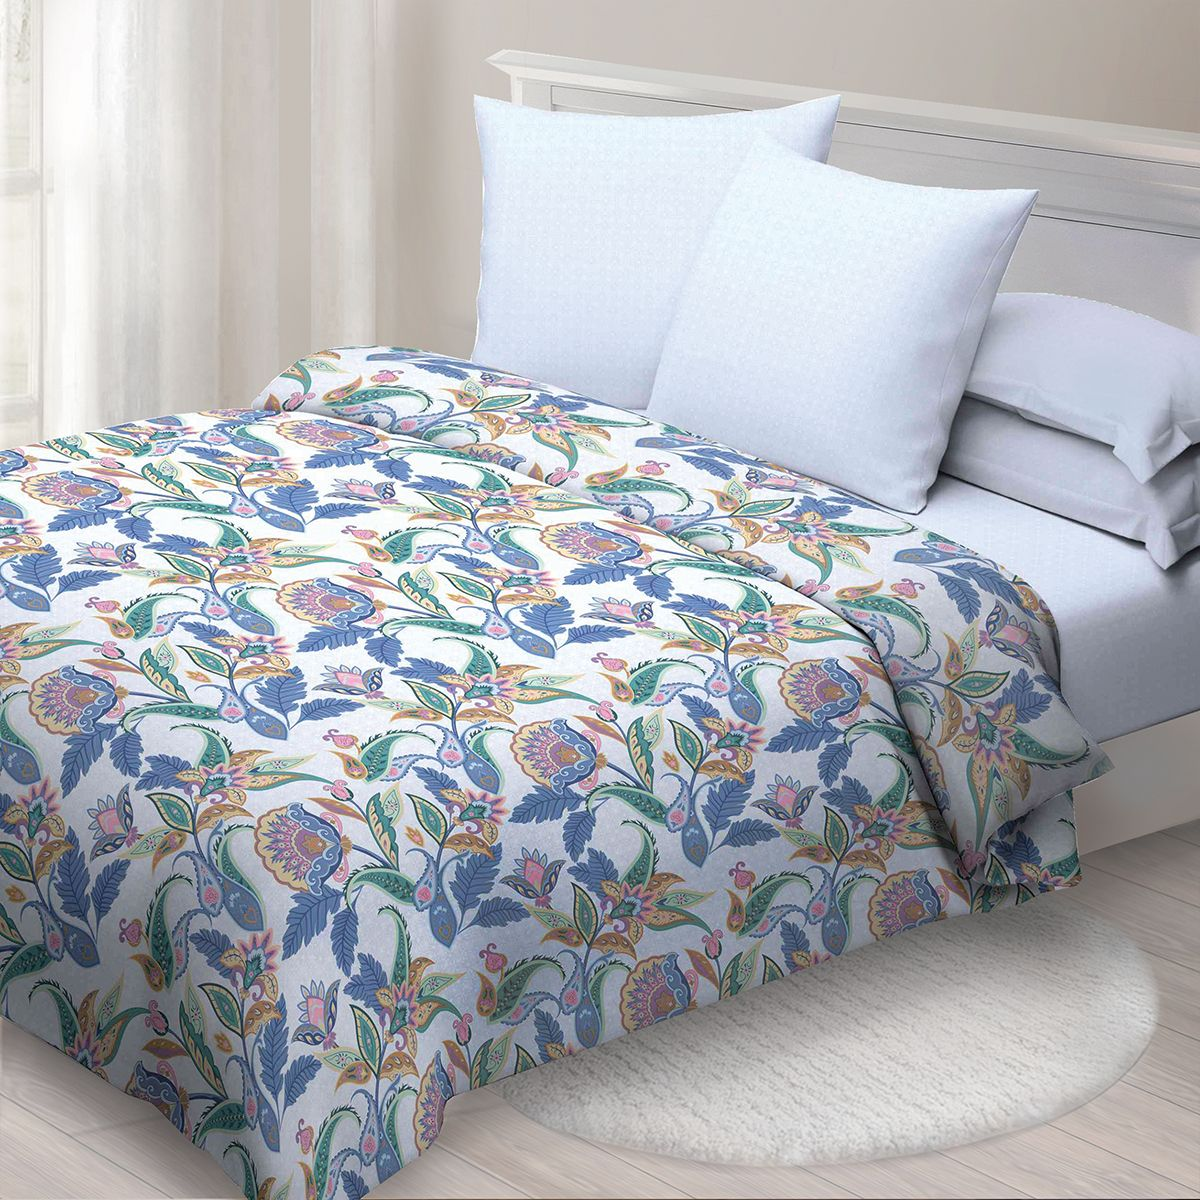 Комплект белья Спал Спалыч Индира, евро, наволочки 70x70, цвет: синий. 4091-185088